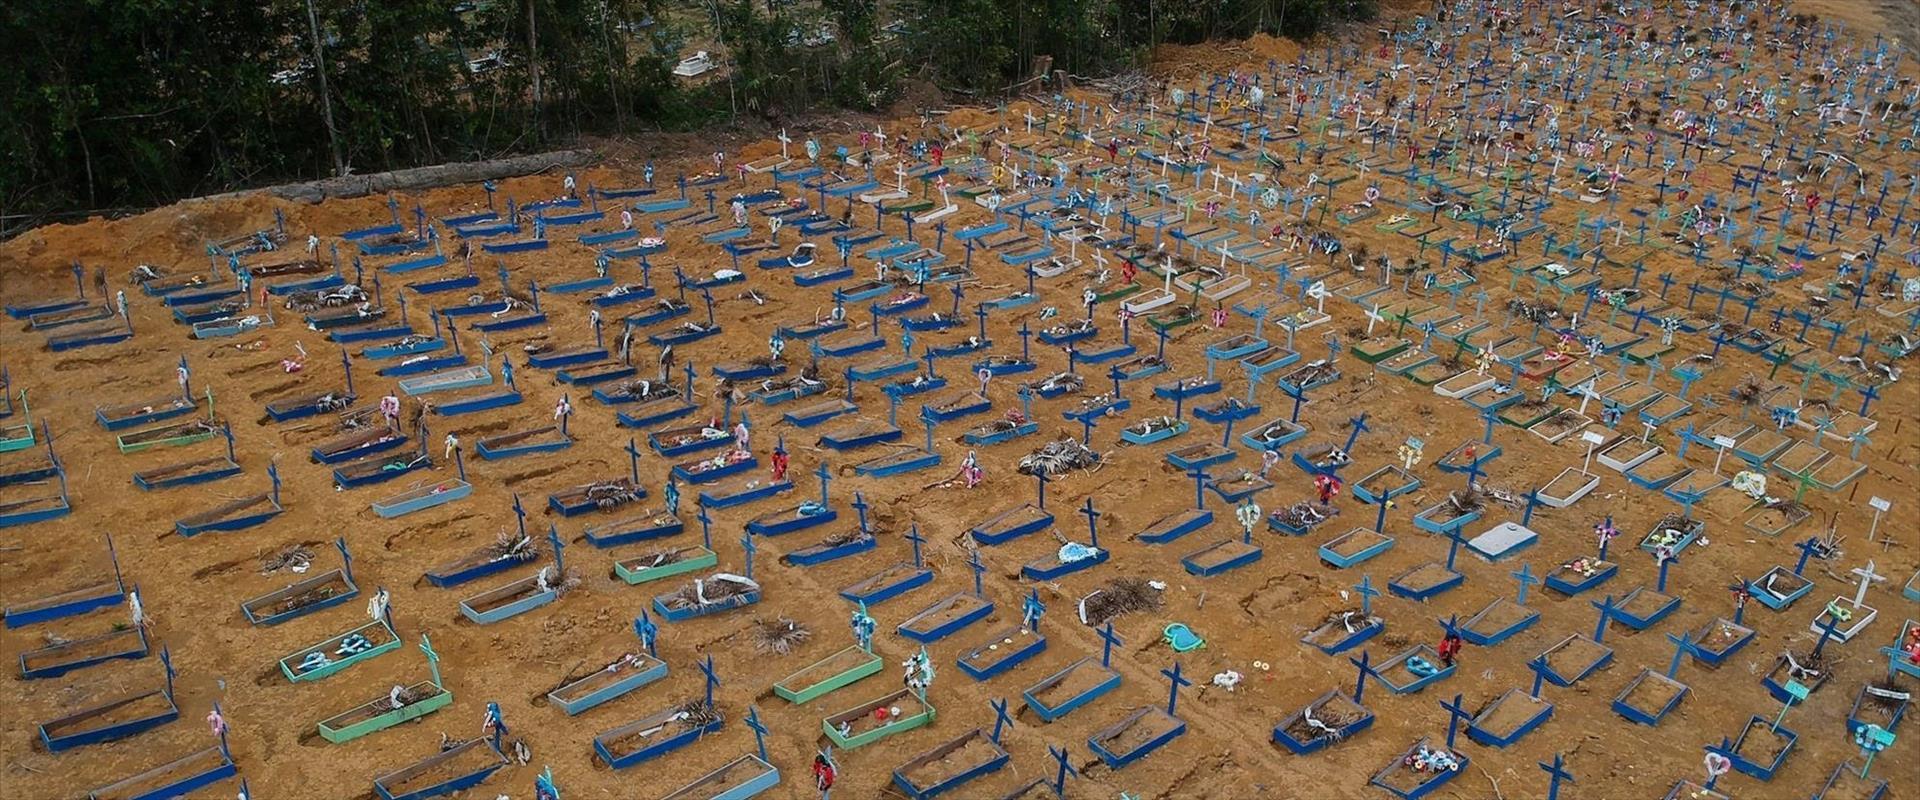 בית העלמין בברזיל לקורבנות הקורונה, ארכיון